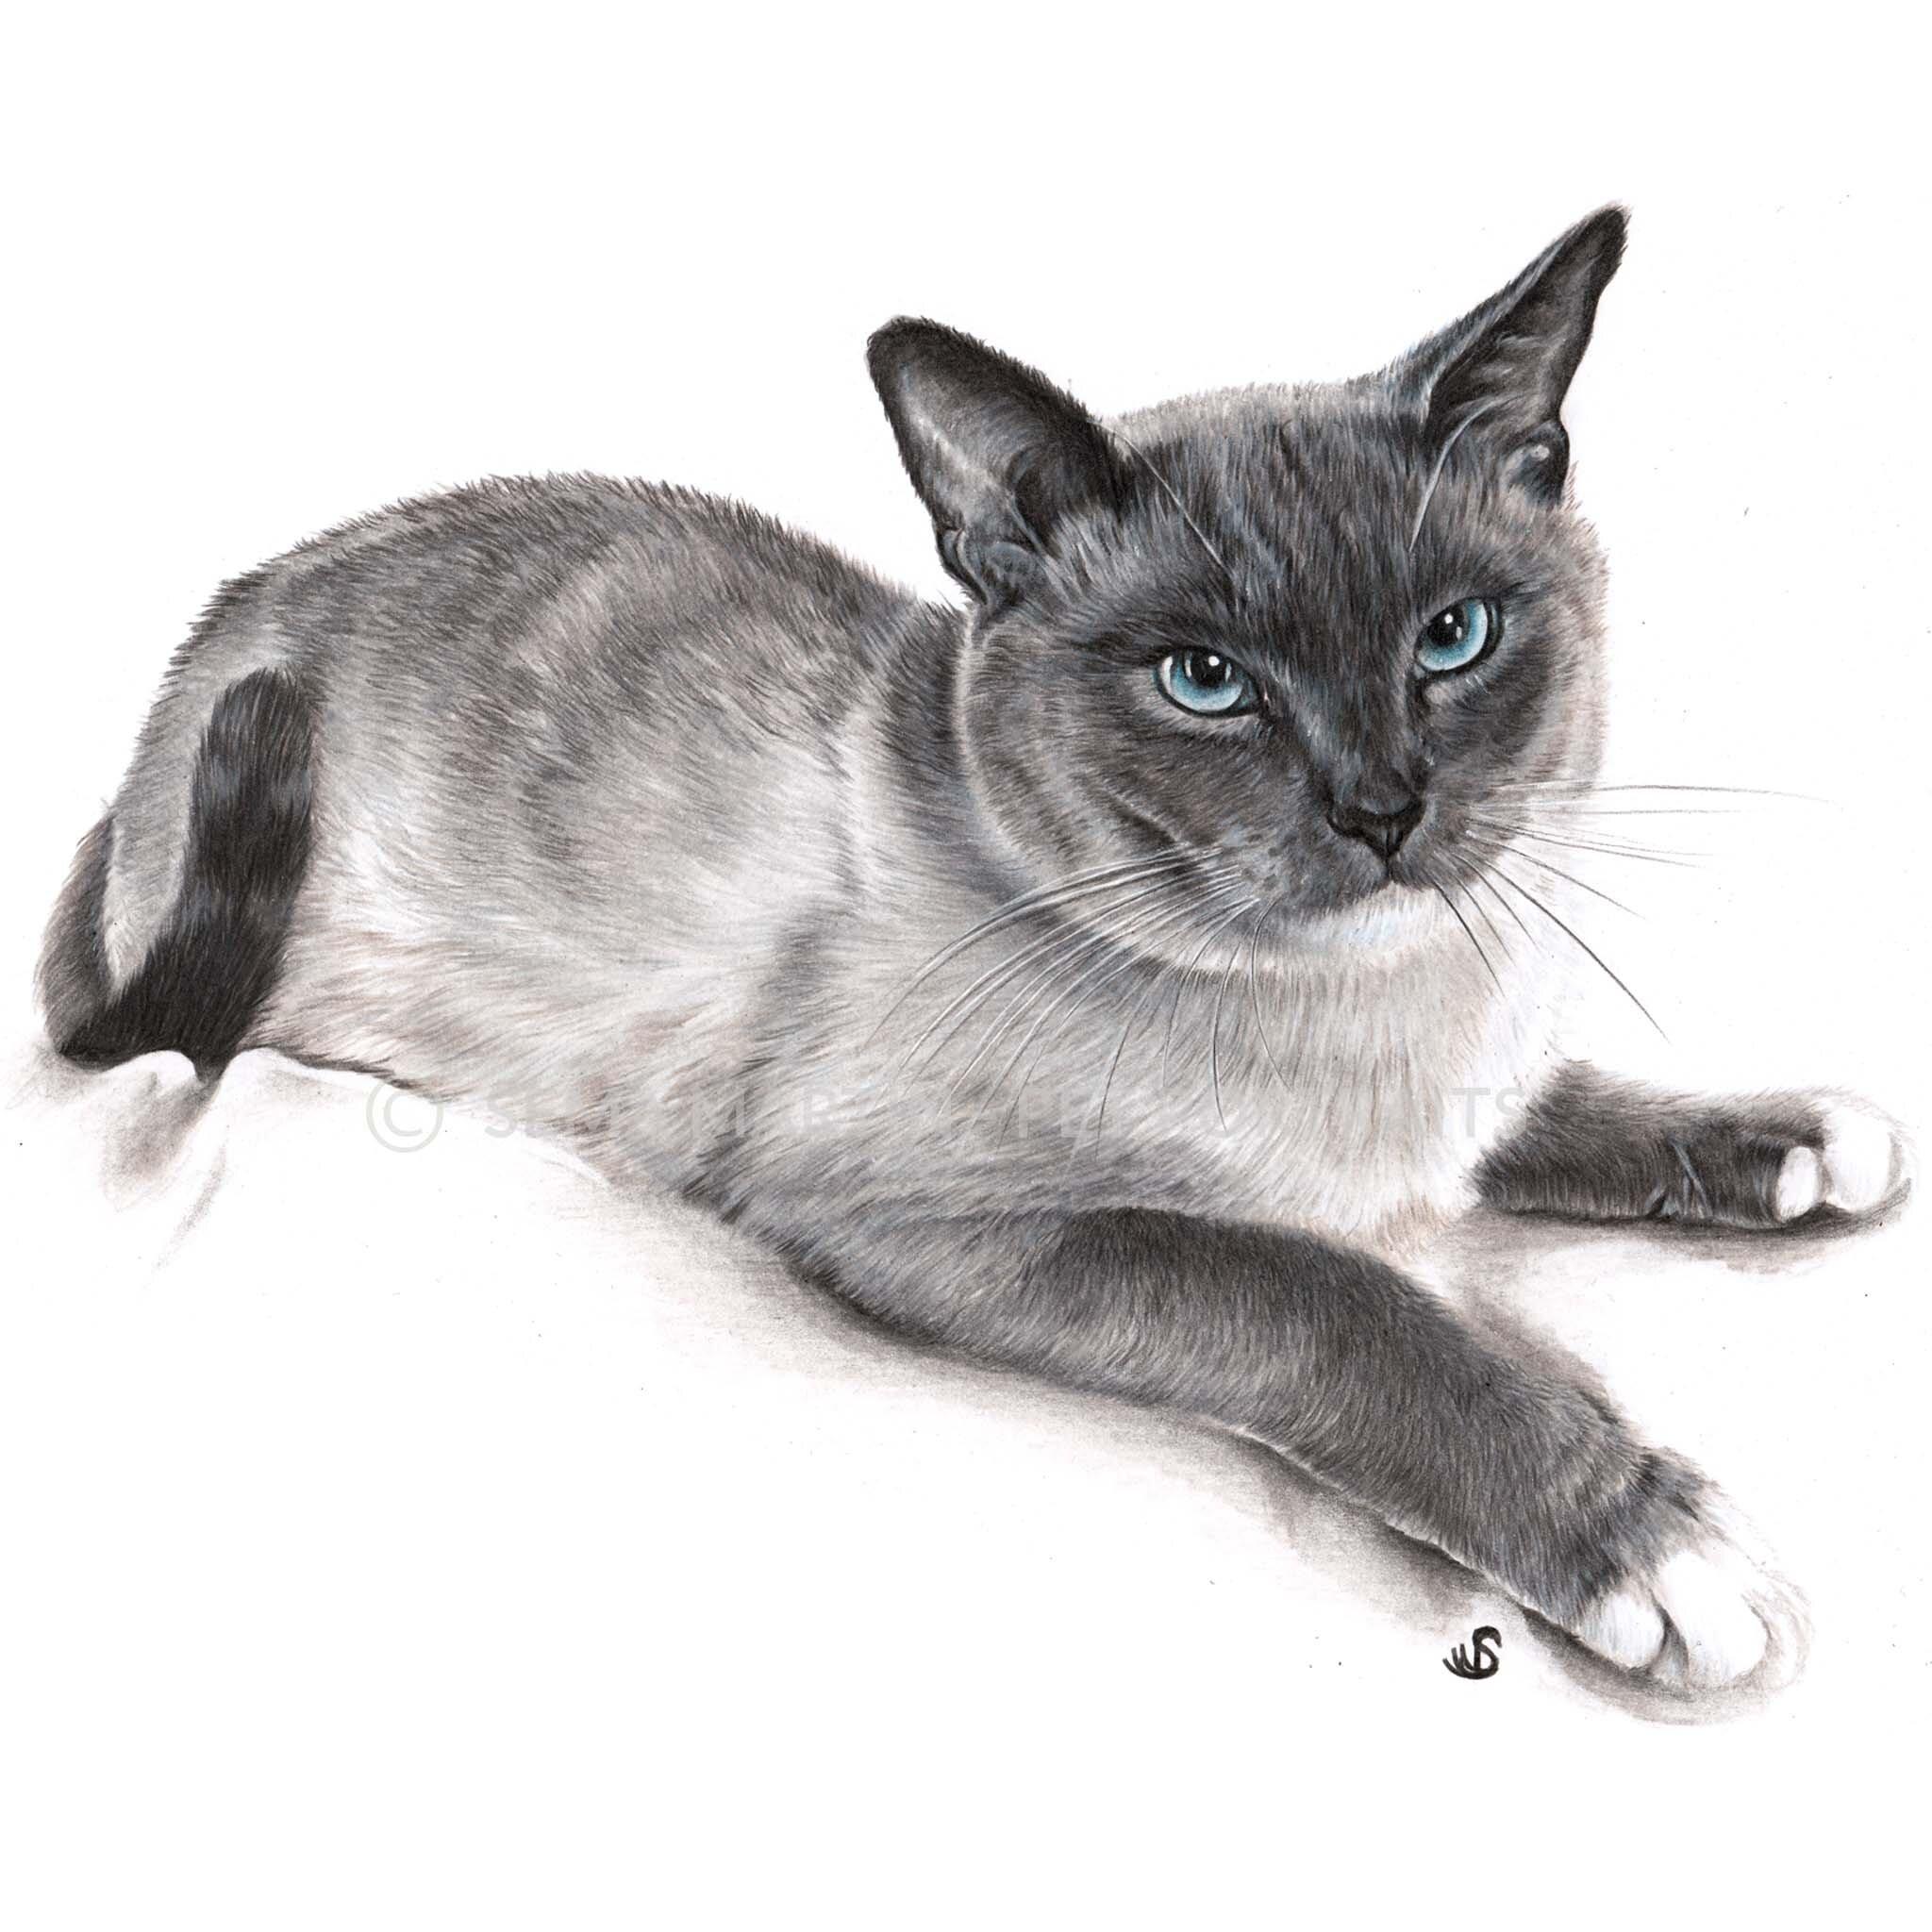 'Jazpurr' - USA, 8.3 x 11.7 inches, 2019, Color Pencil Portrait of a Snowshoe Cat